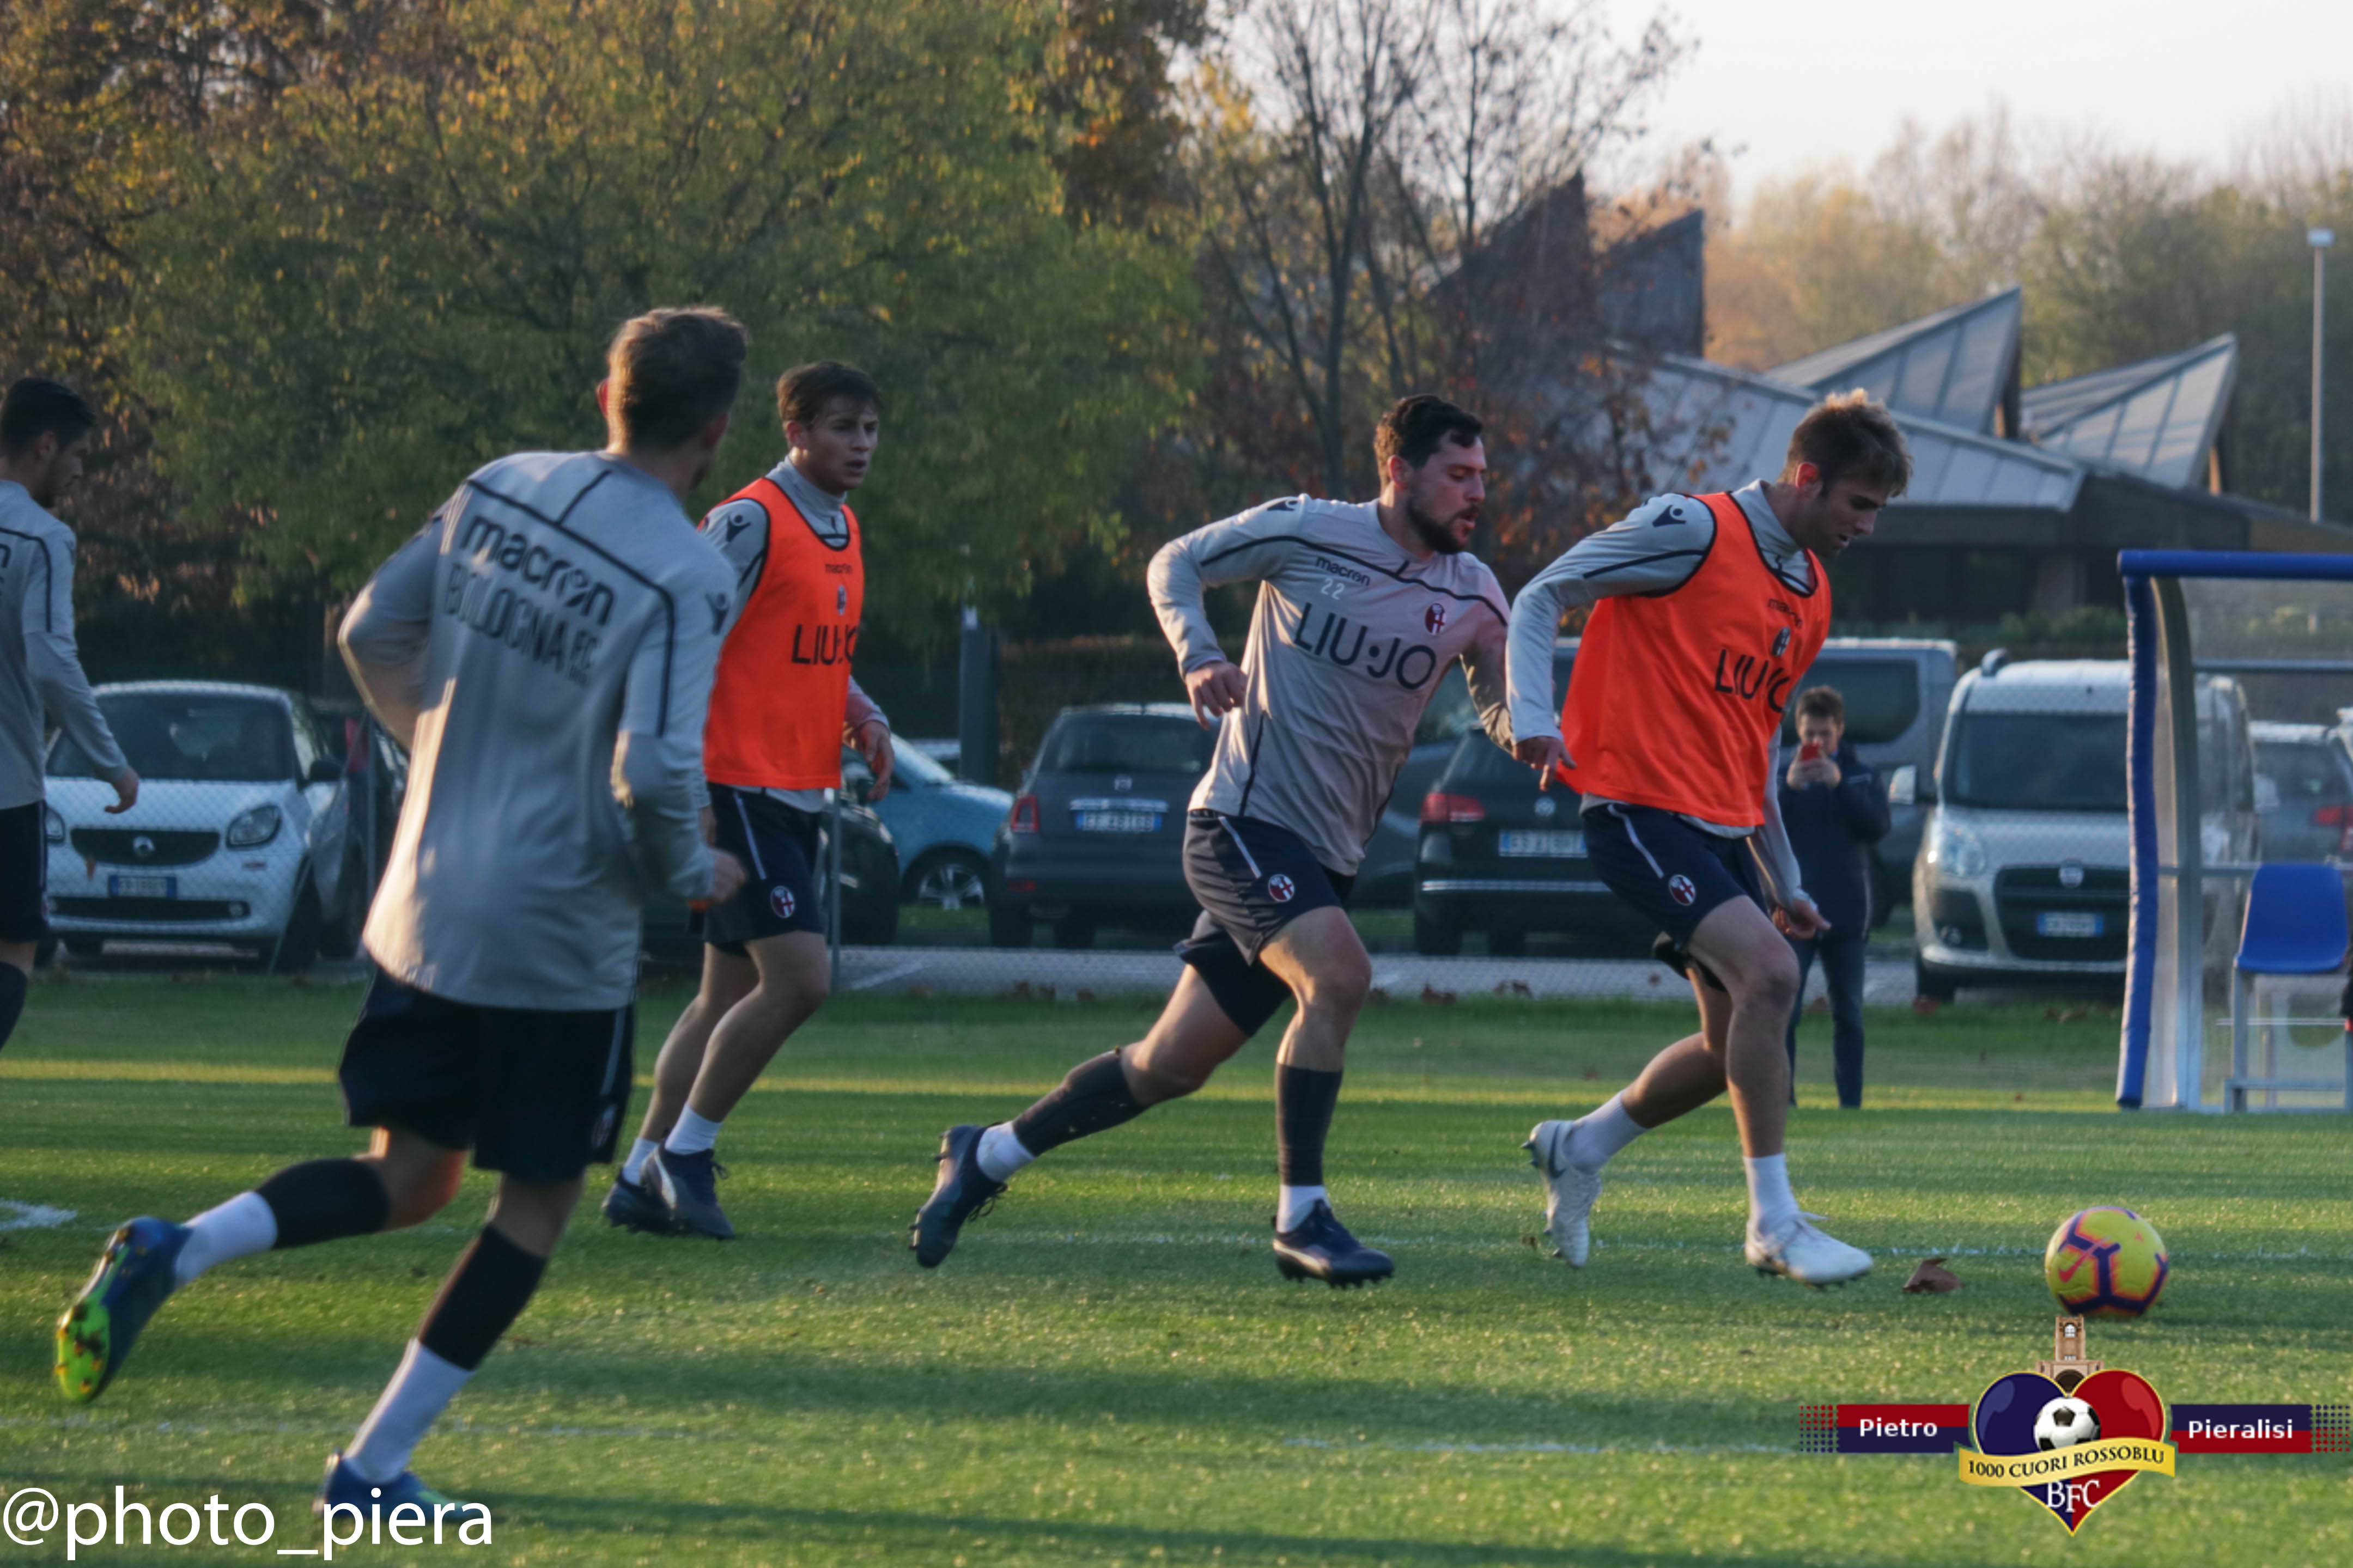 Le foto dell'allenamento del Bologna del 27/11/2018